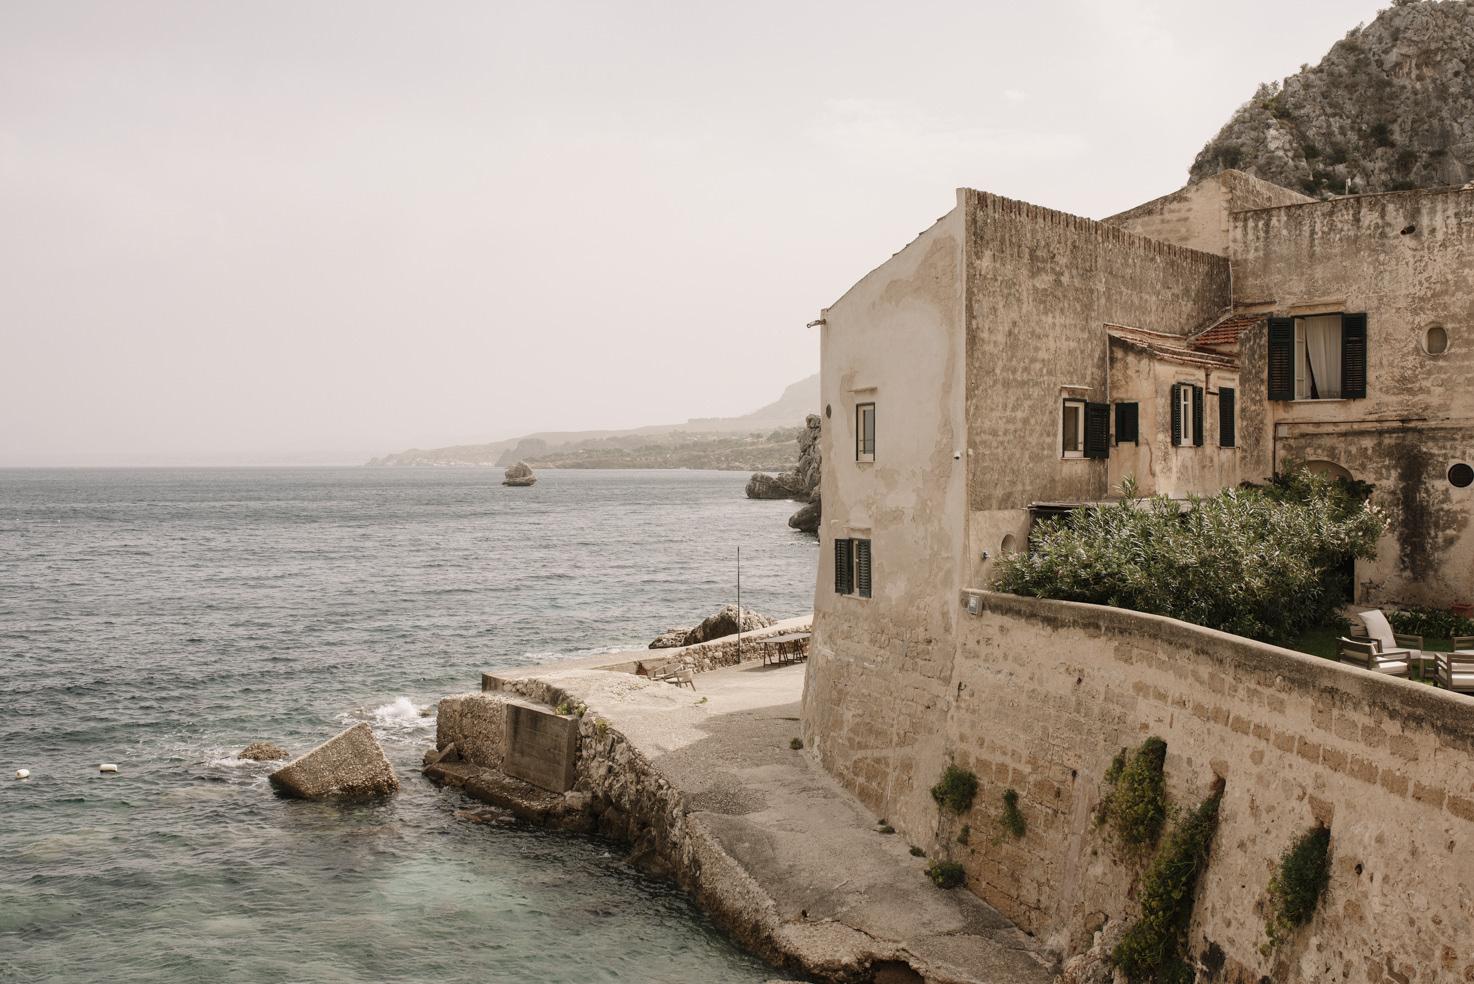 Tonnara di Scopello in Sicily